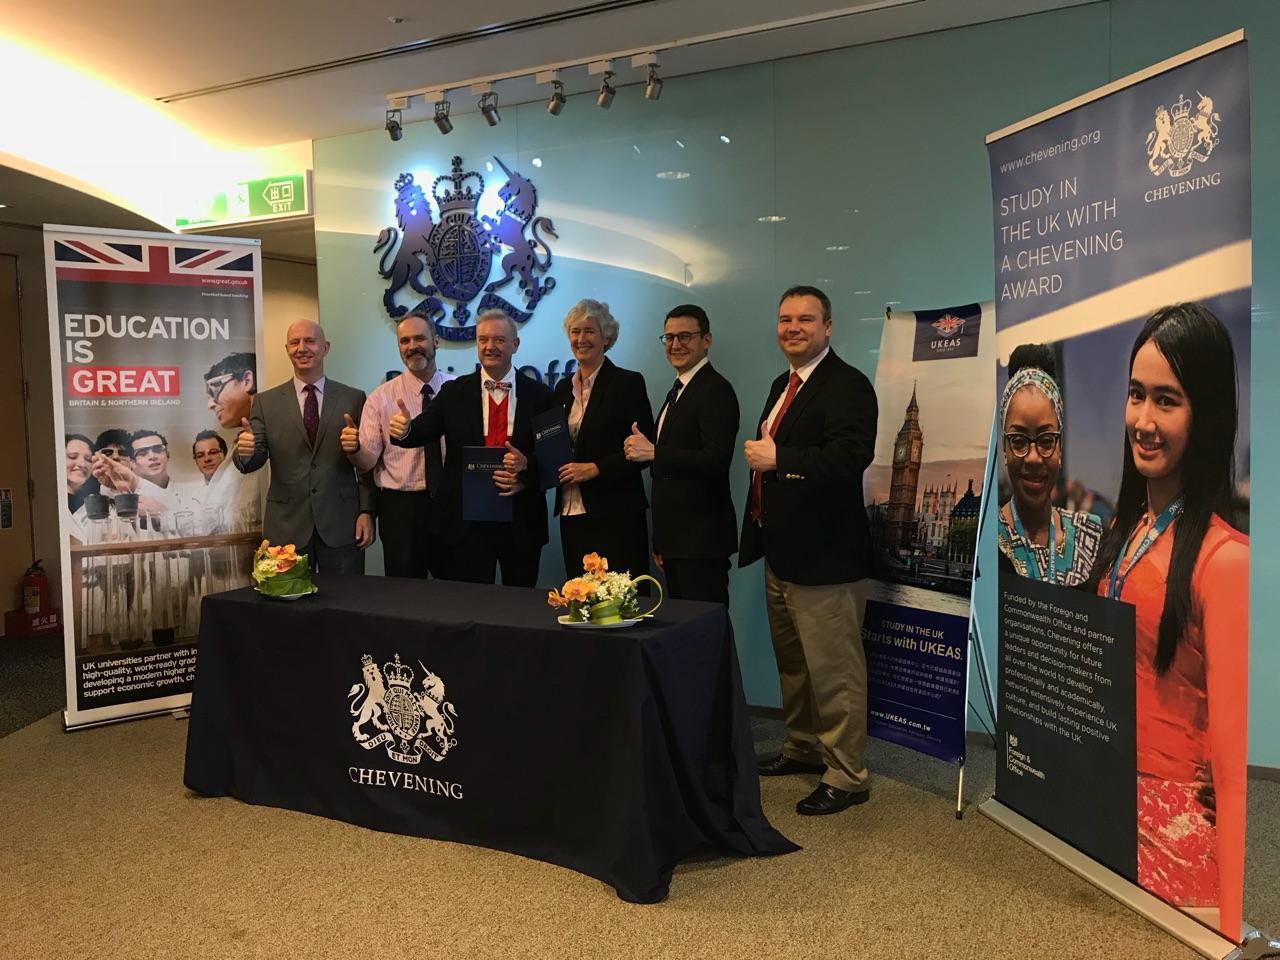 大英國協教育資訊中心與英國外交部聯合設立 Chevening / UKEAS 獎學金